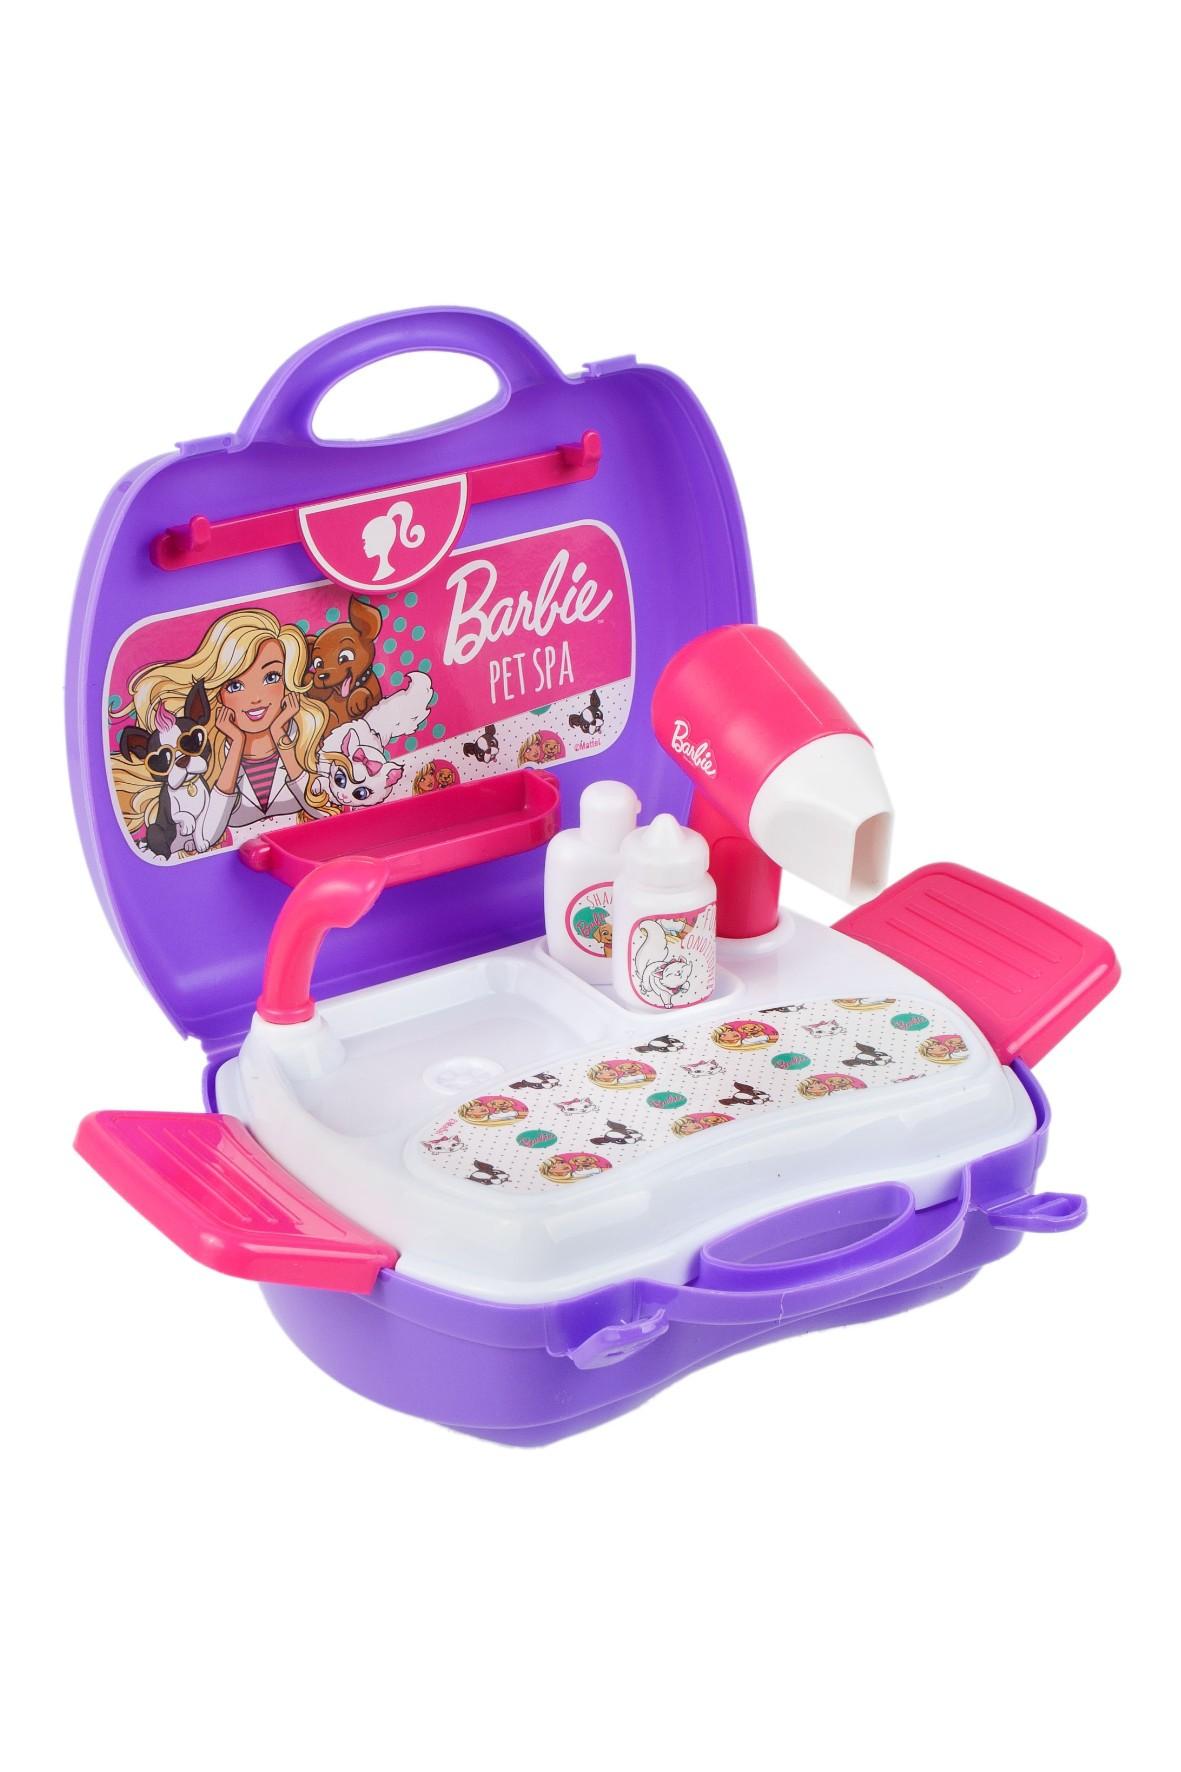 Barbie Zestaw SPA dla zwierząt walizka wiek3+